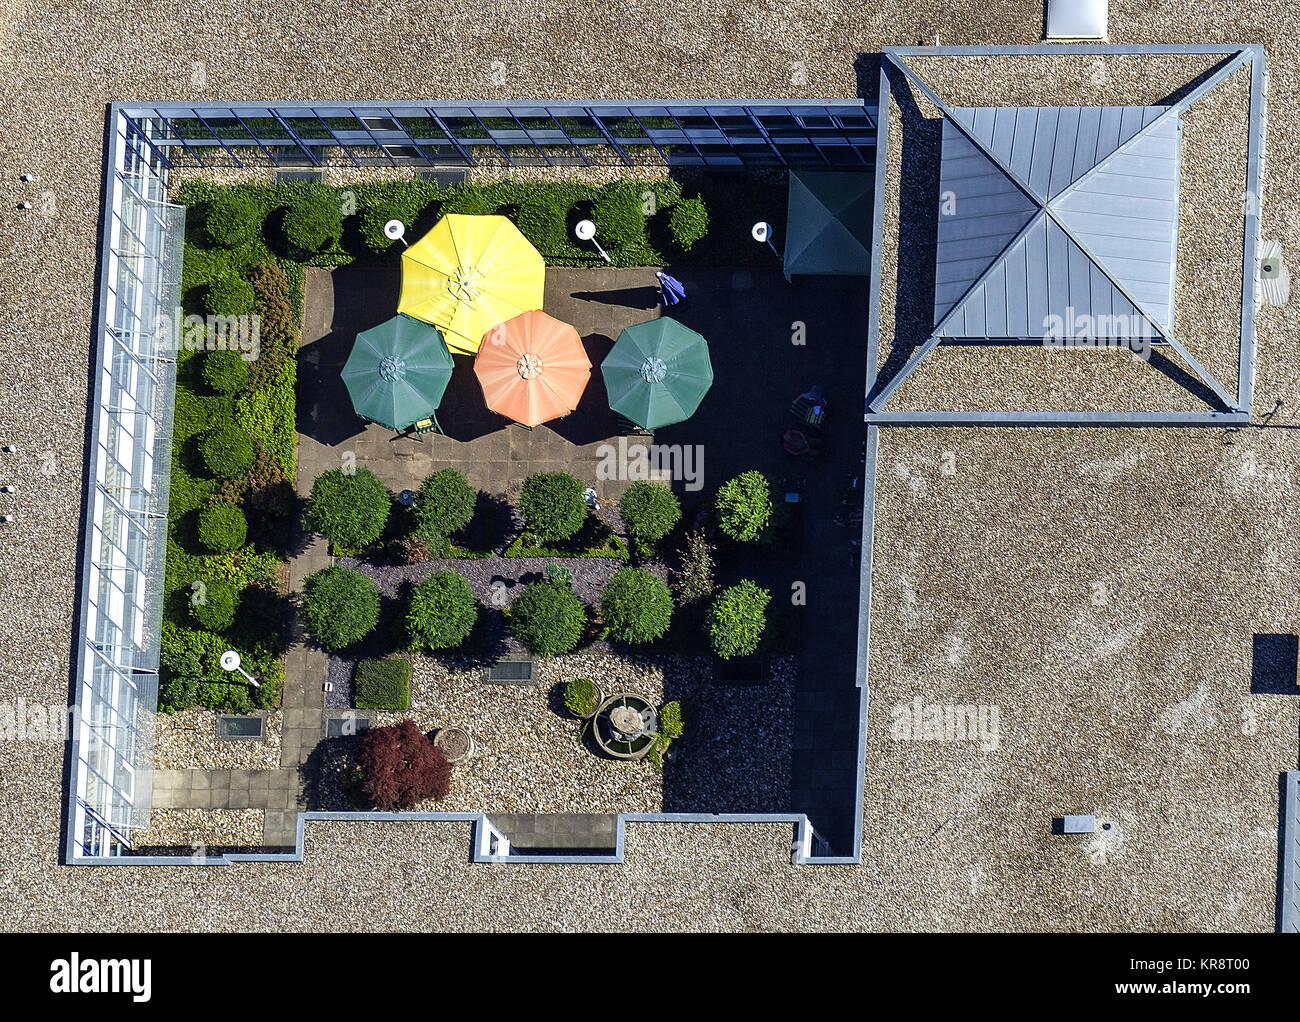 Lichthof eines Seniorenheims, Emmerich am Rhein, Ruhrgebiet, Nordrhein-Westfalen, Deutschland, Europa - Stock Image